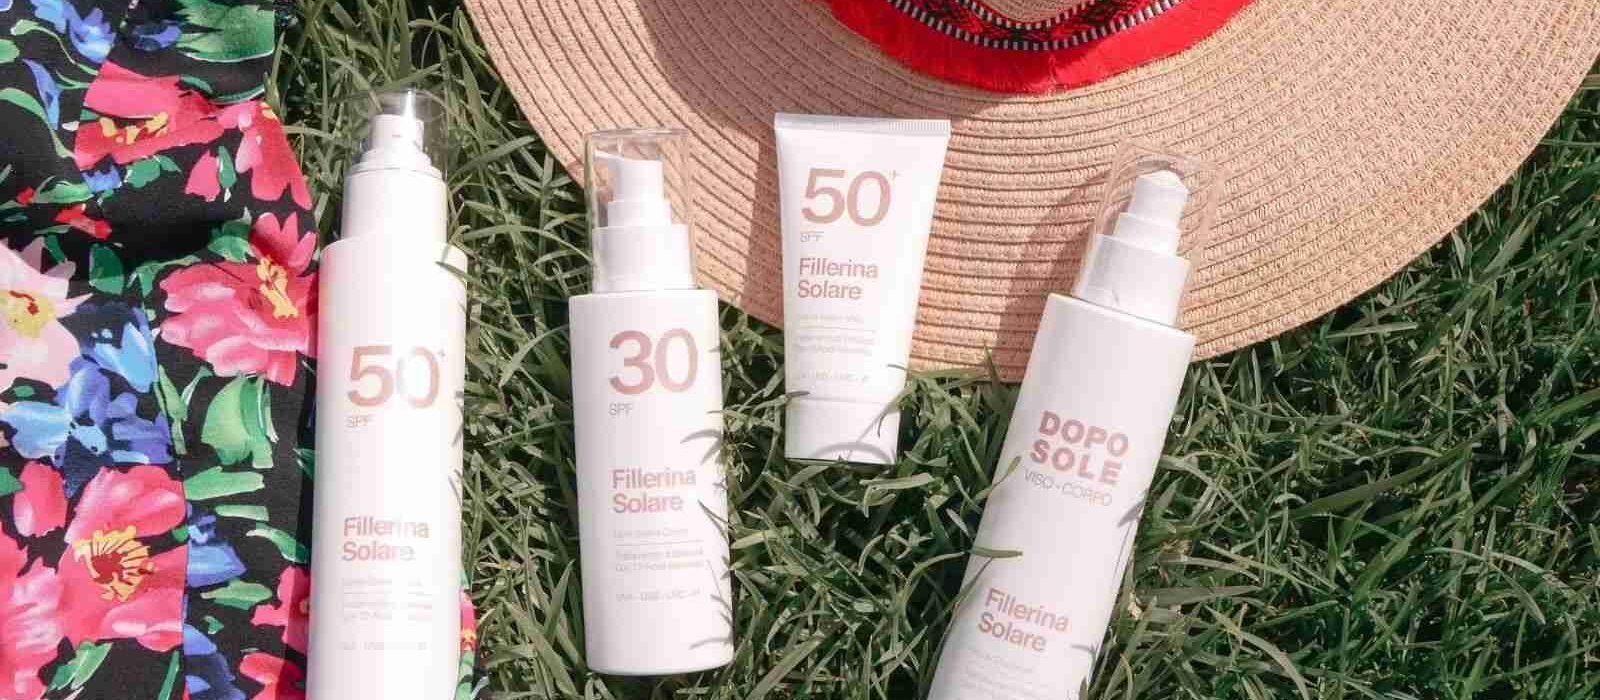 Fillerina Solare trattamento di bellezza sotto il sole di Labo Suisse